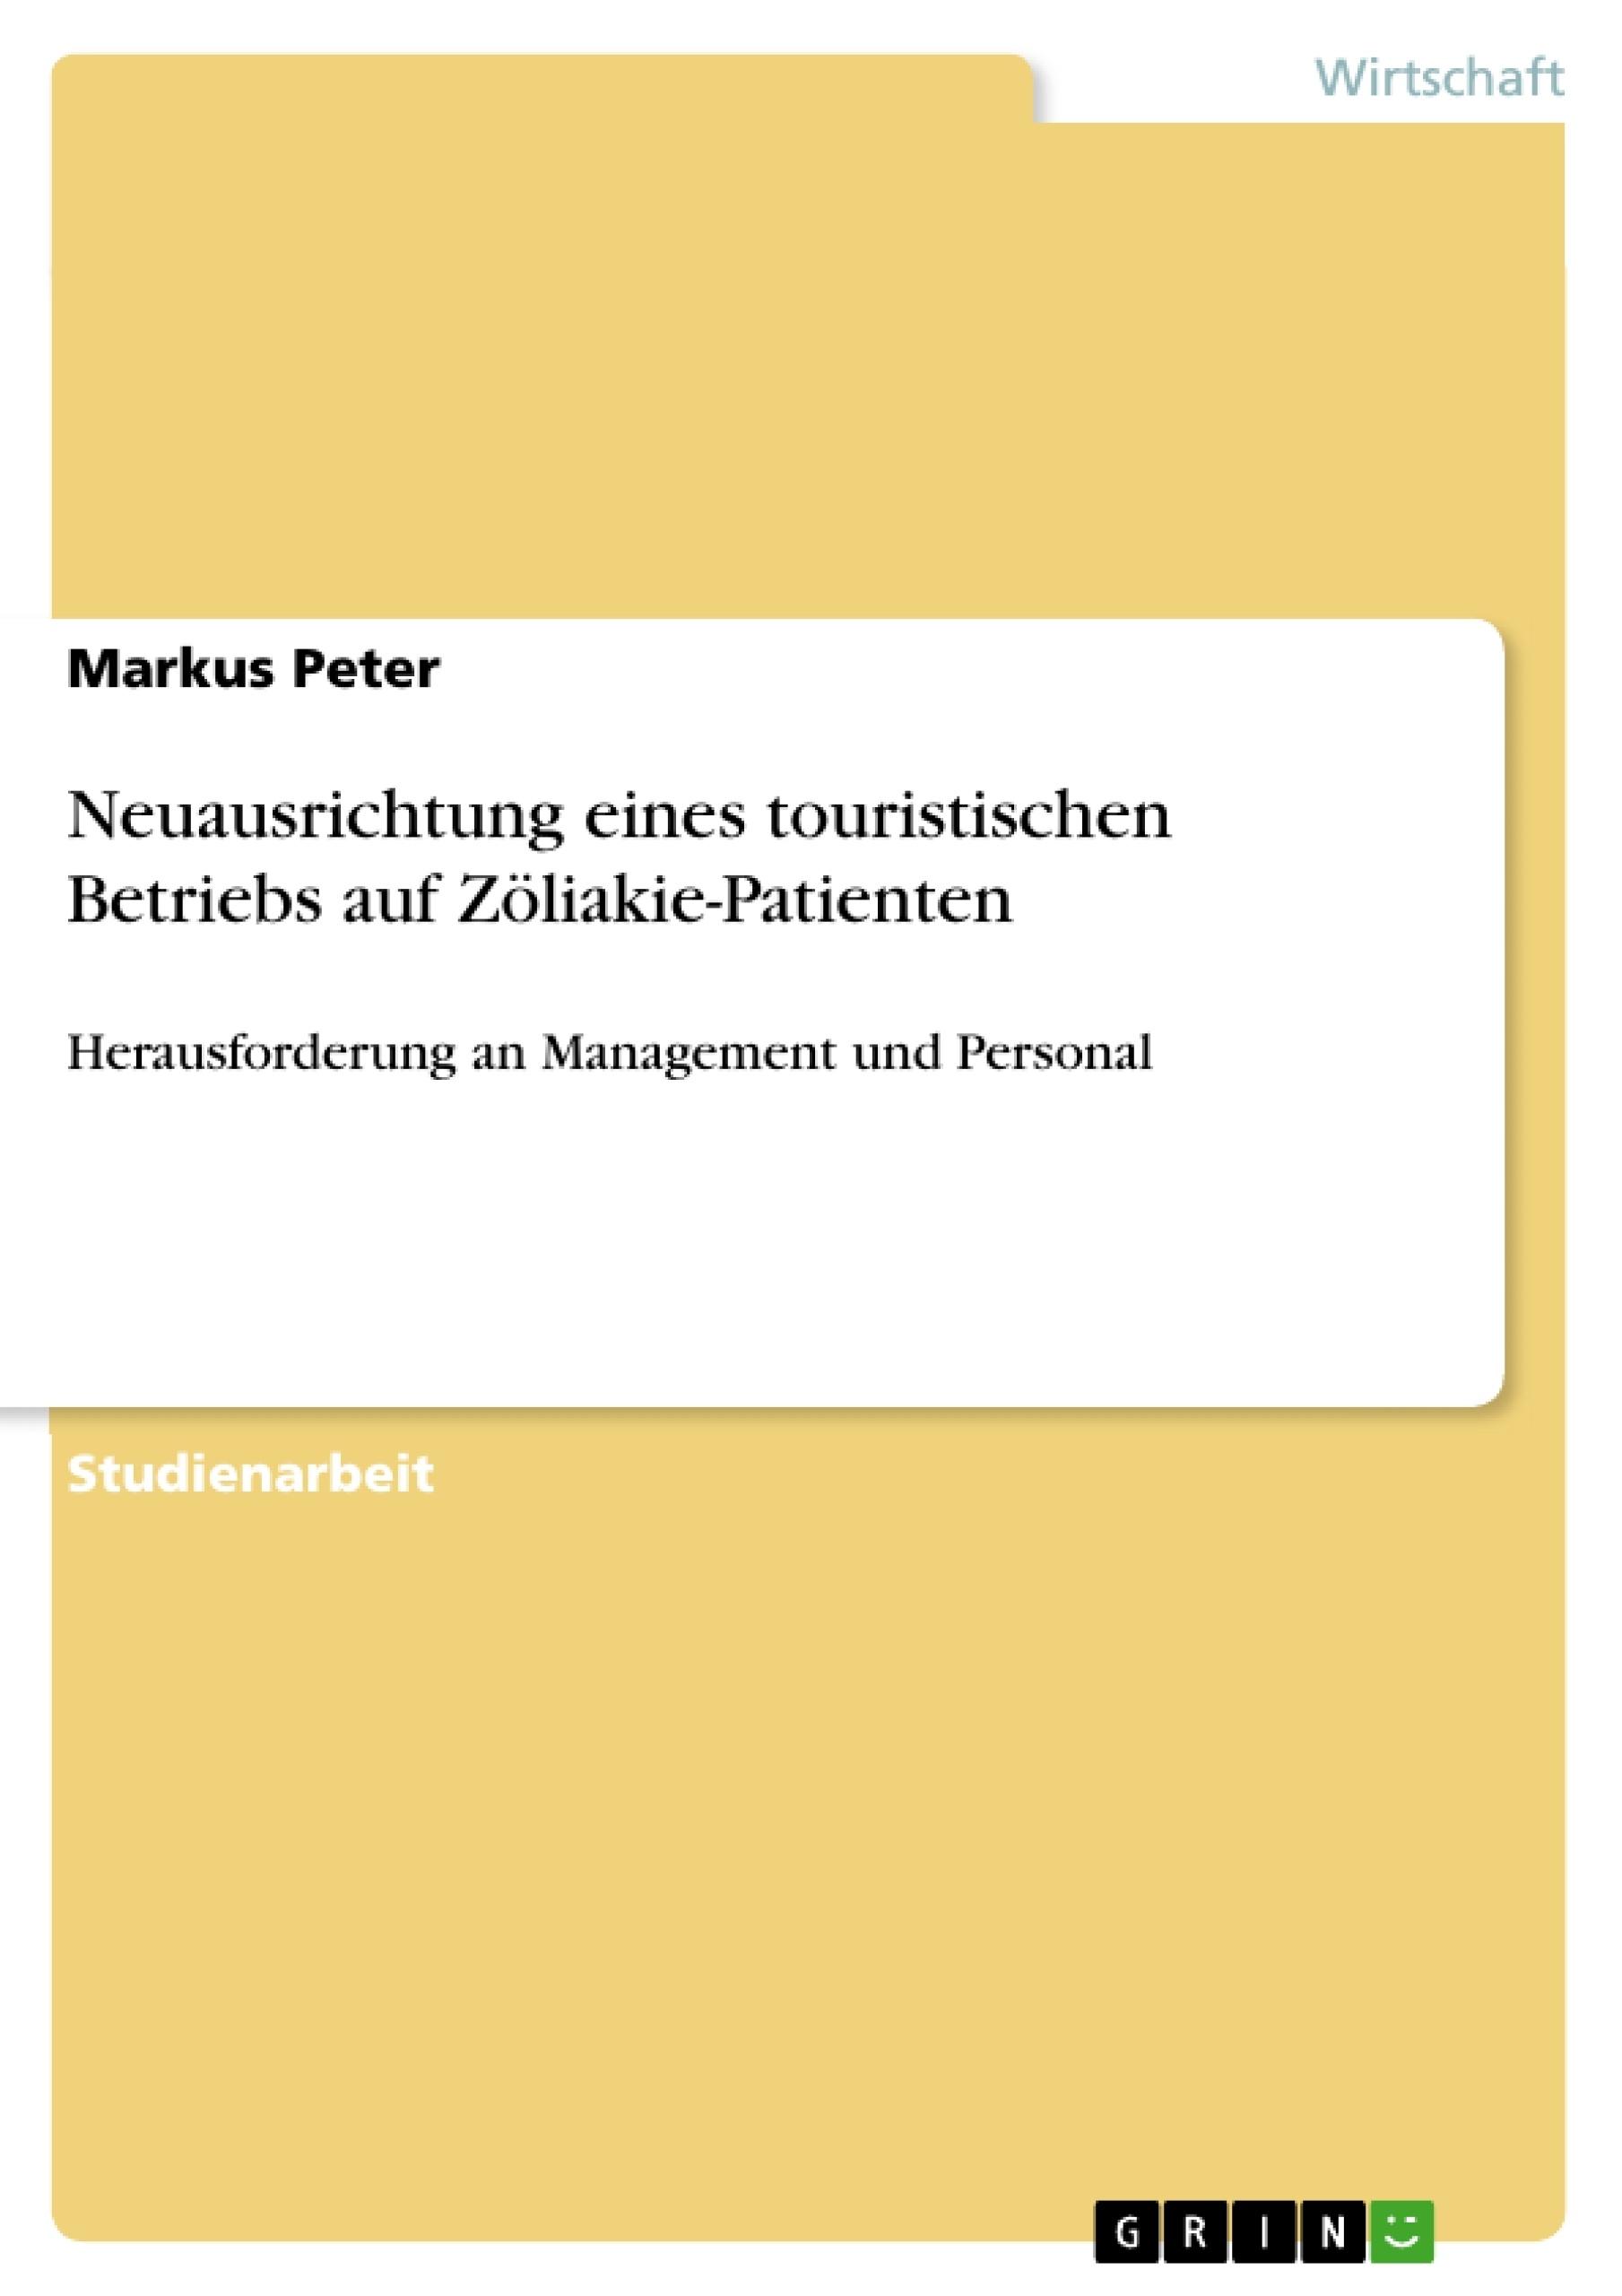 Titel: Neuausrichtung eines touristischen Betriebs auf Zöliakie-Patienten